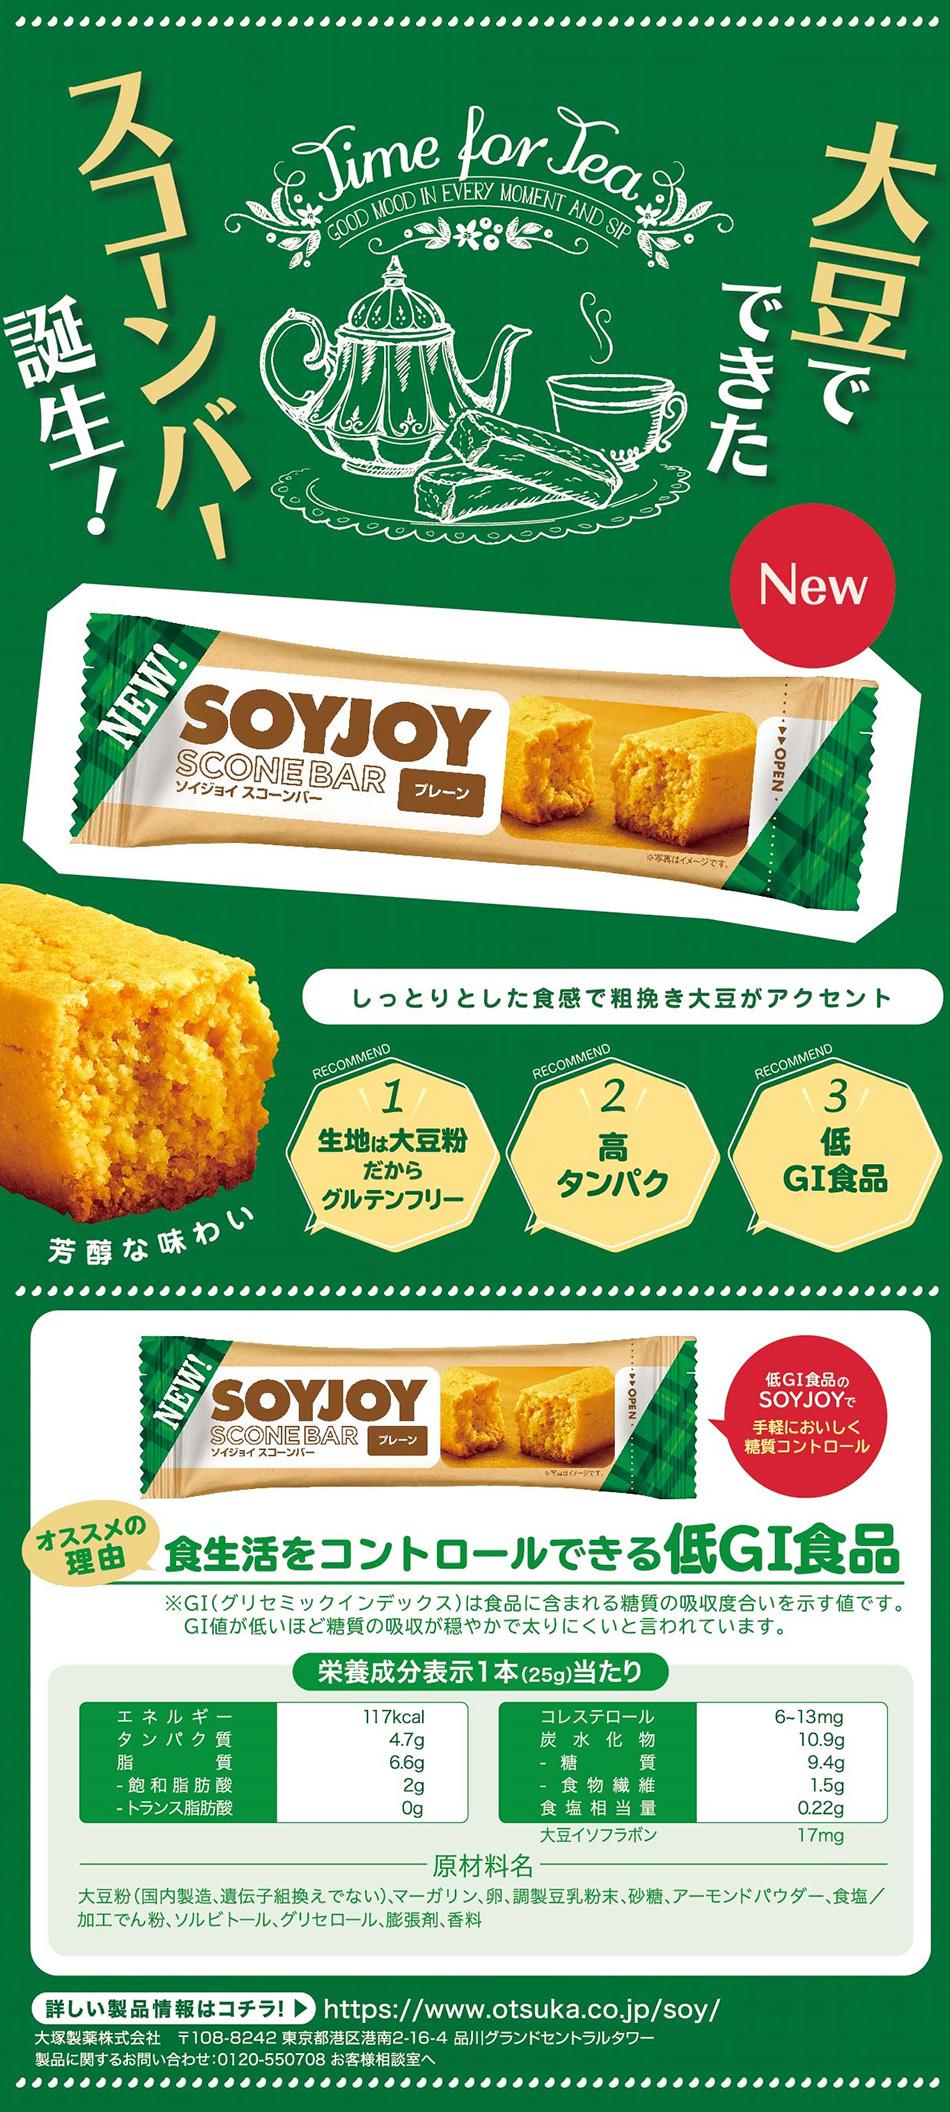 大塚製薬 ソイジョイクリスピー スコーンバー新商品